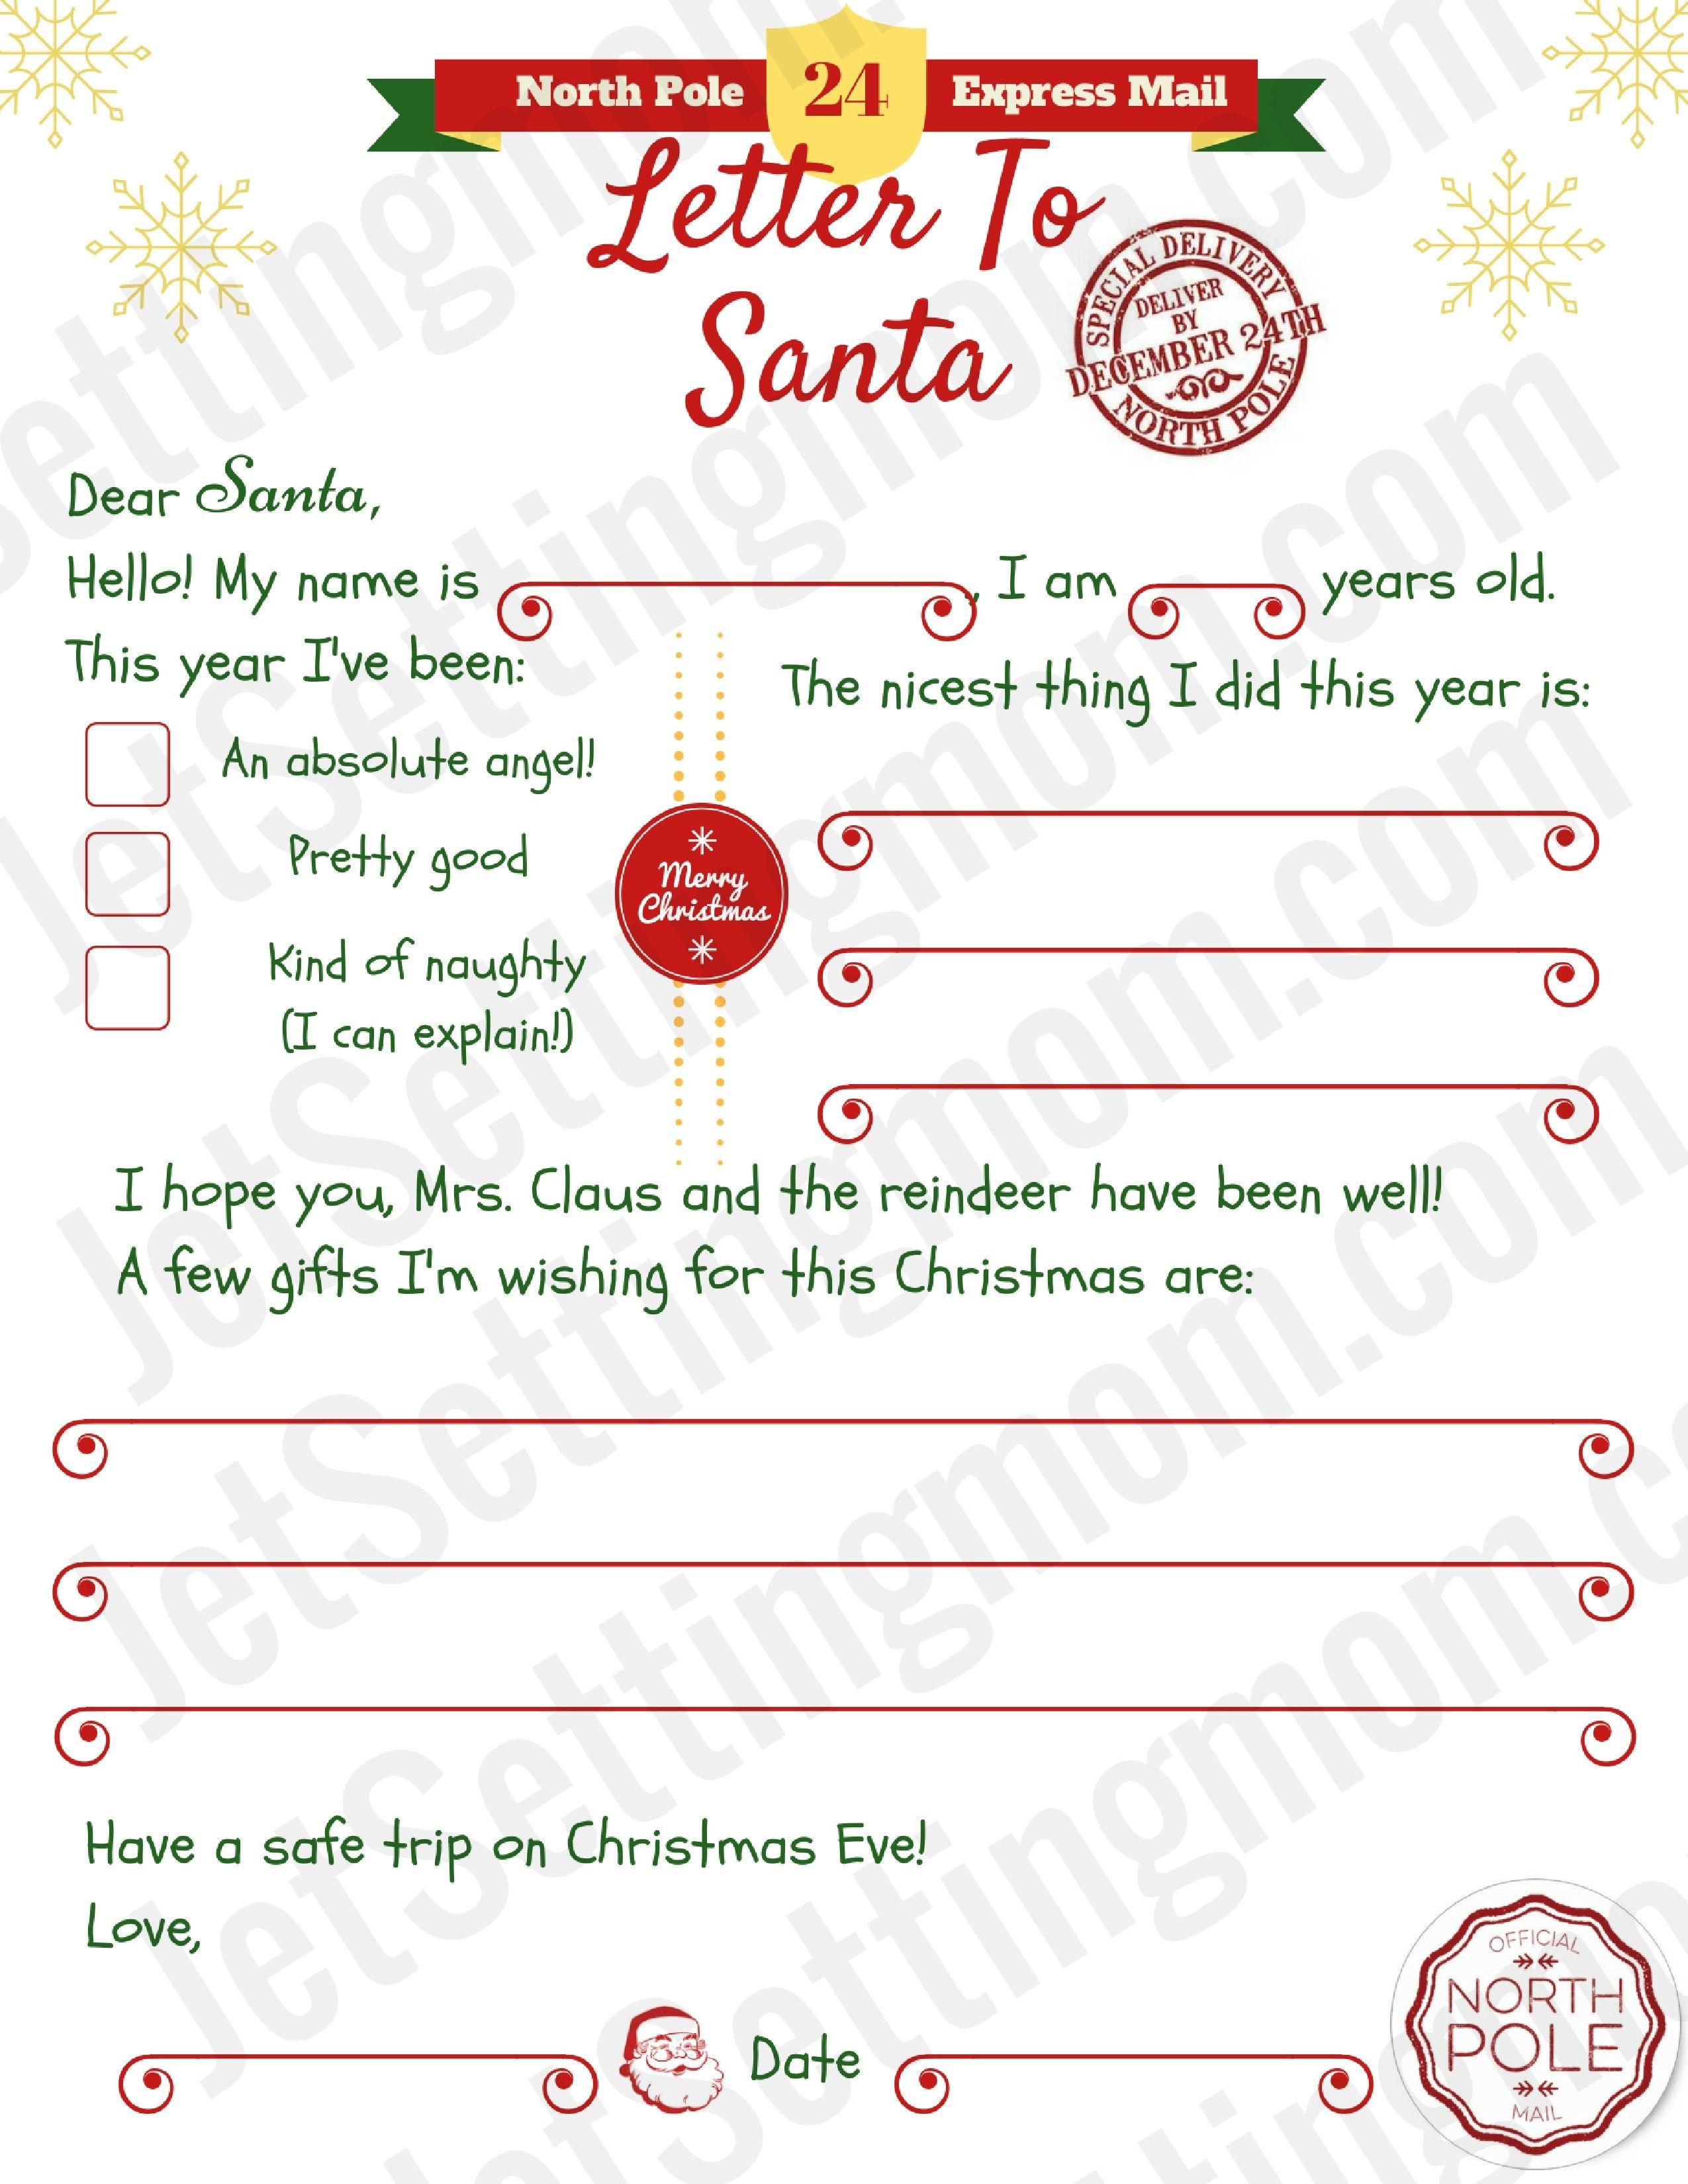 Letter To Father Christmas Free Printable Fresh Printable Letter To - Letter To Santa Template Free Printable